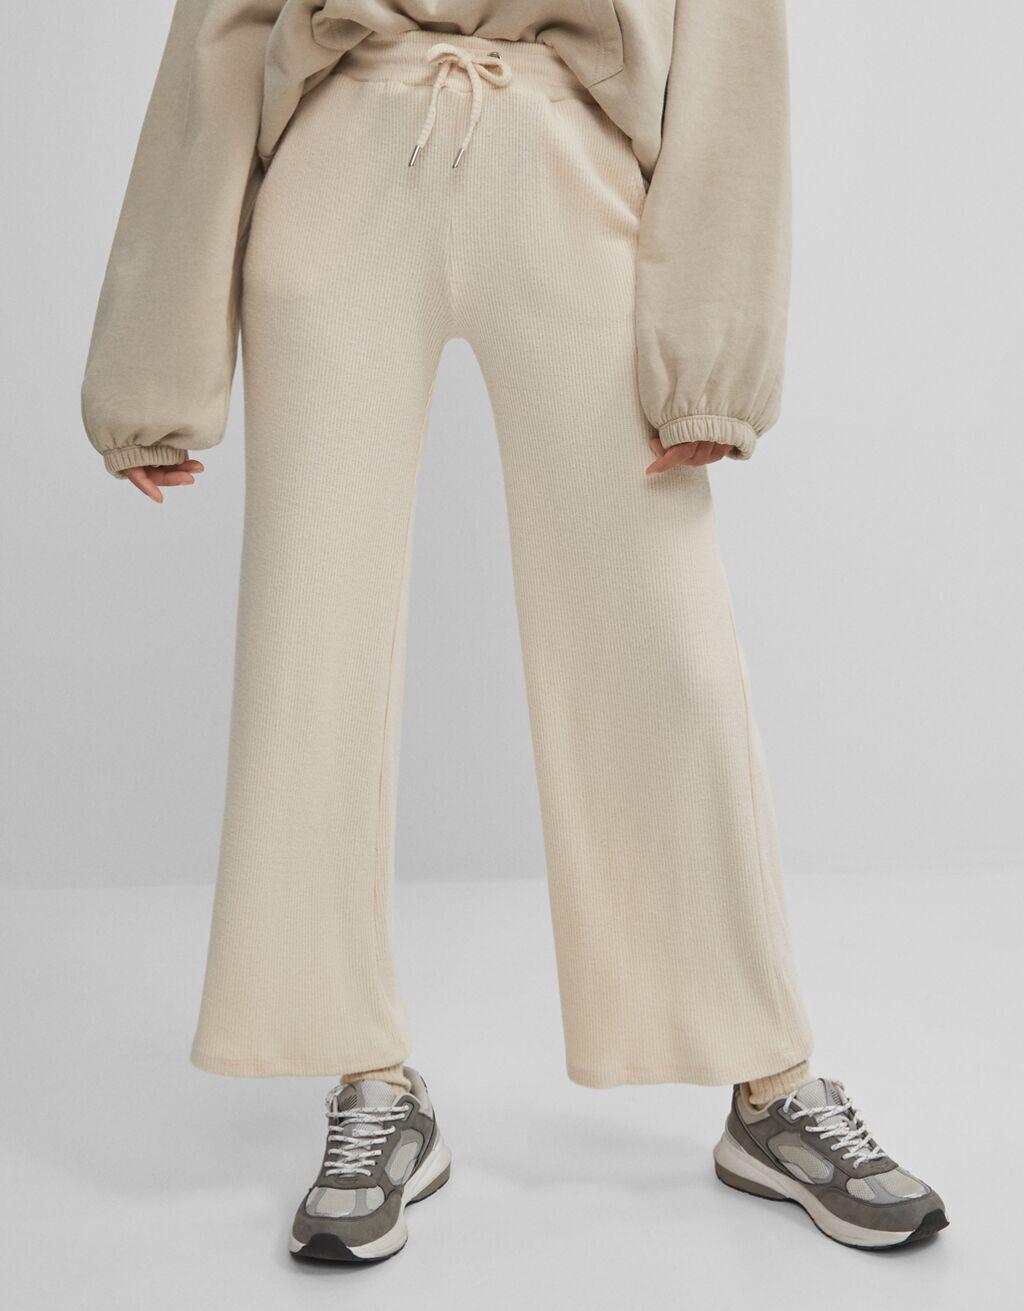 Široke hlače s cvetličnim vzorcem